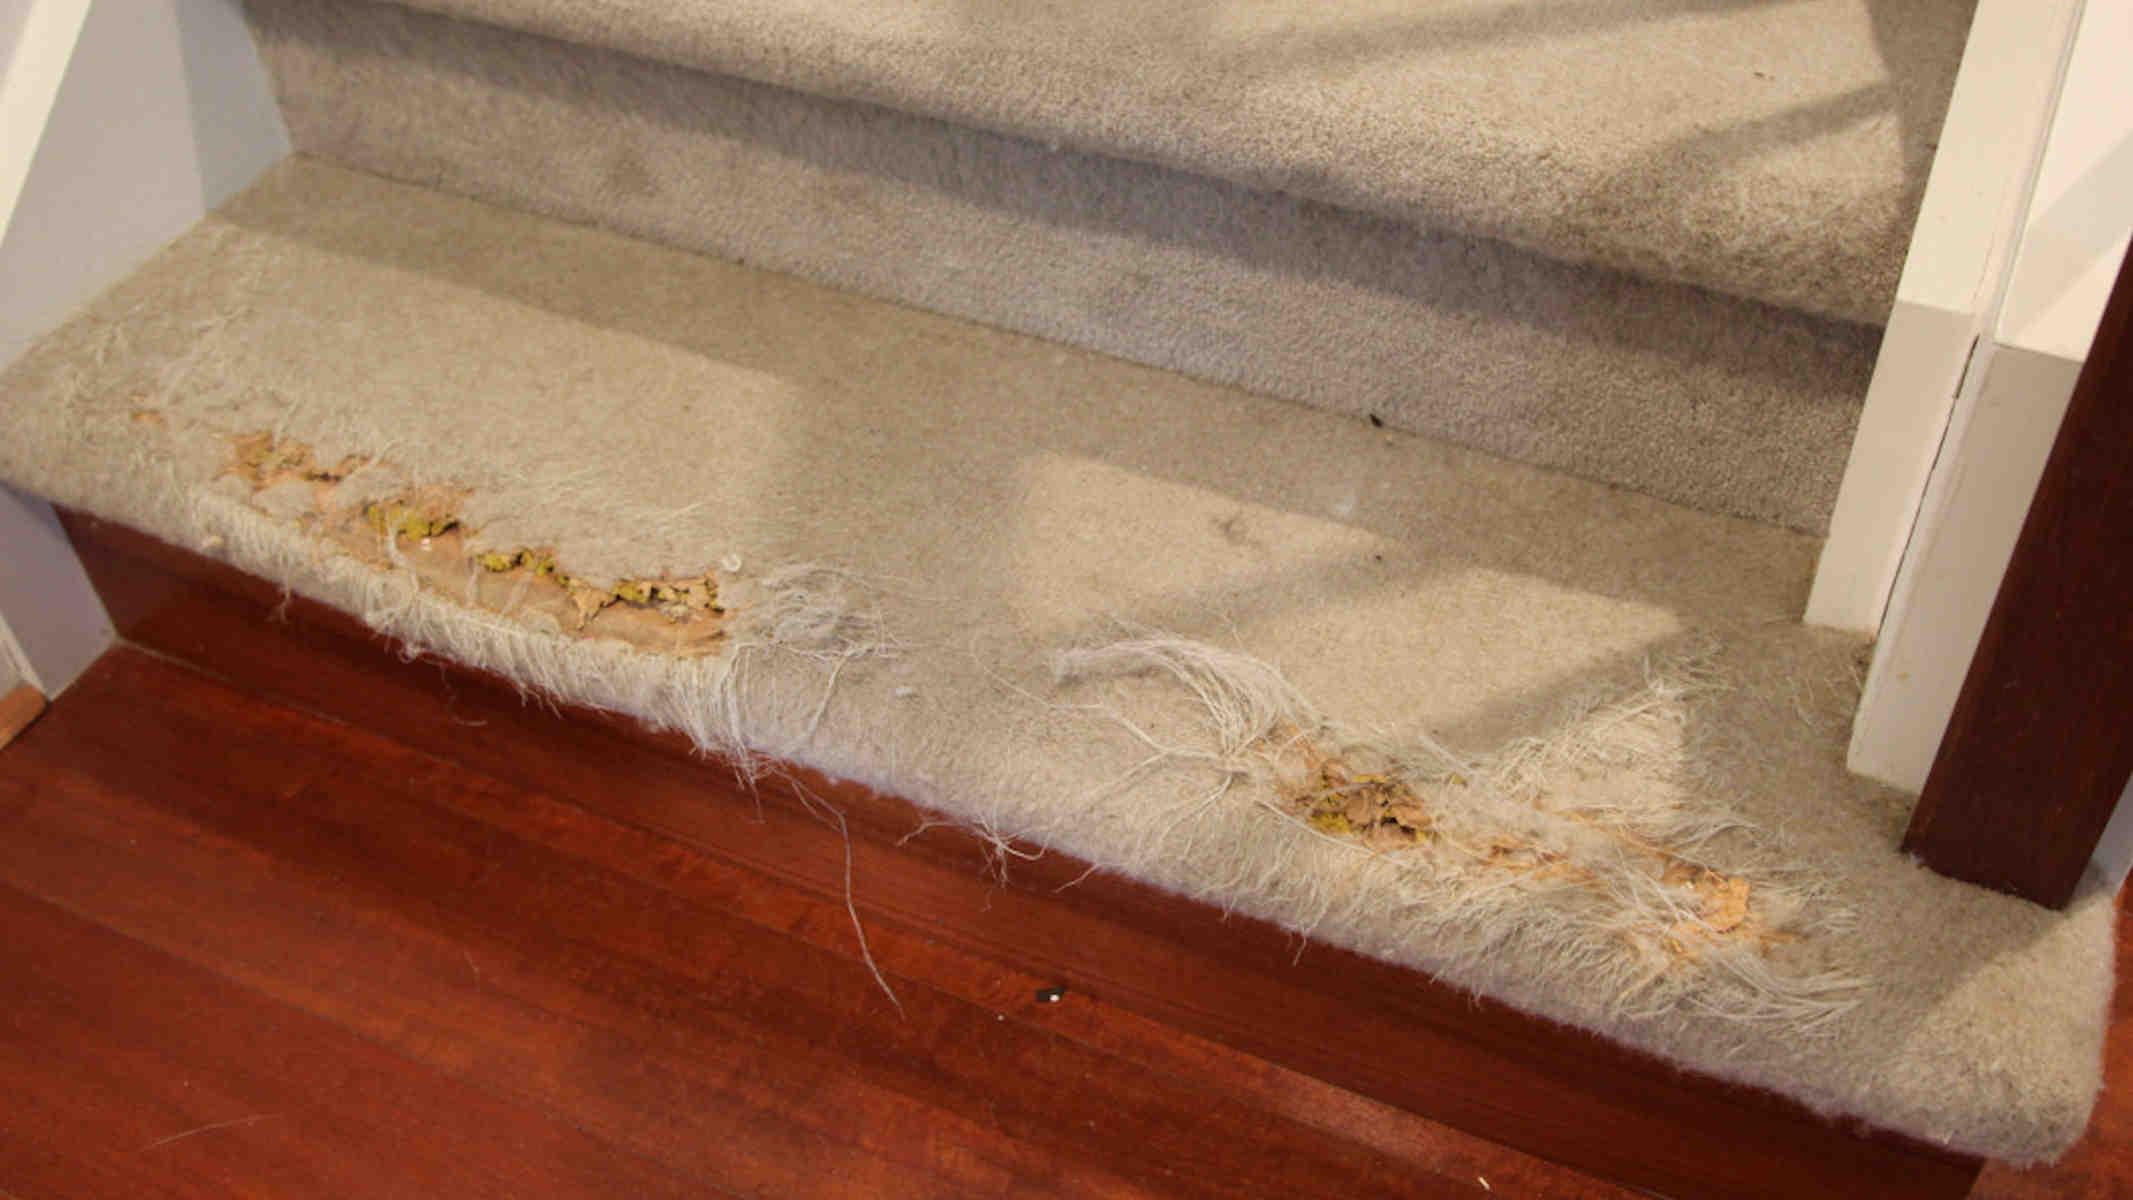 Carpet Repair - Carpet damage on stairs